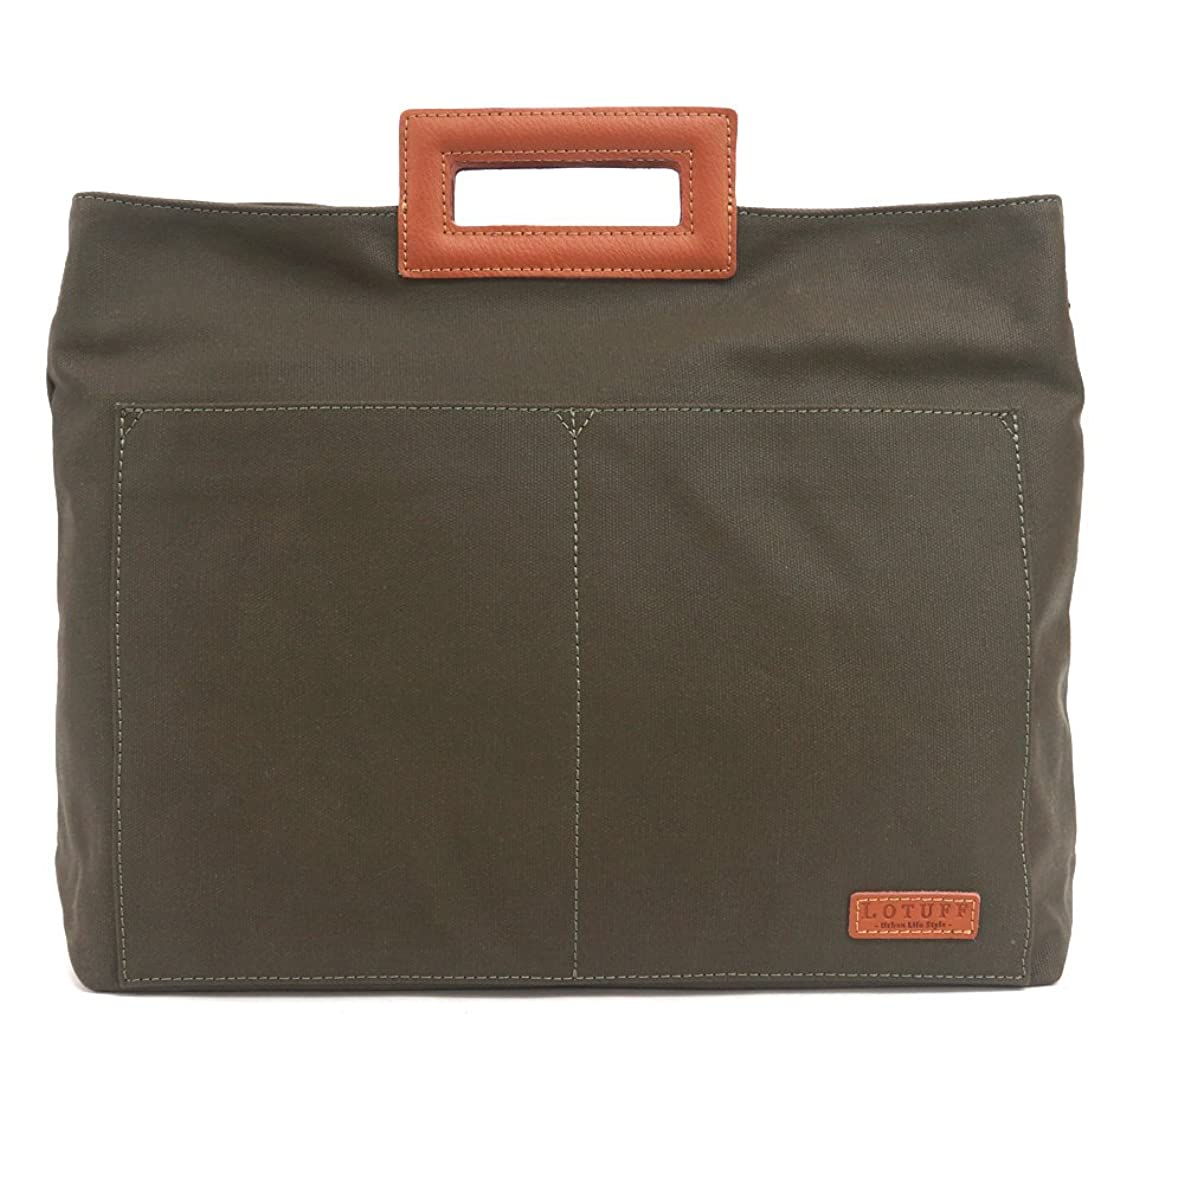 雪だるまを作る電気の処理LOTUFF(ロトプ) 5 Color トートバッグエコバッグメンズレディース LO-2607 メンズ レディース WaxFabric & Leather Eco Bag Tote Bag [並行輸入品]